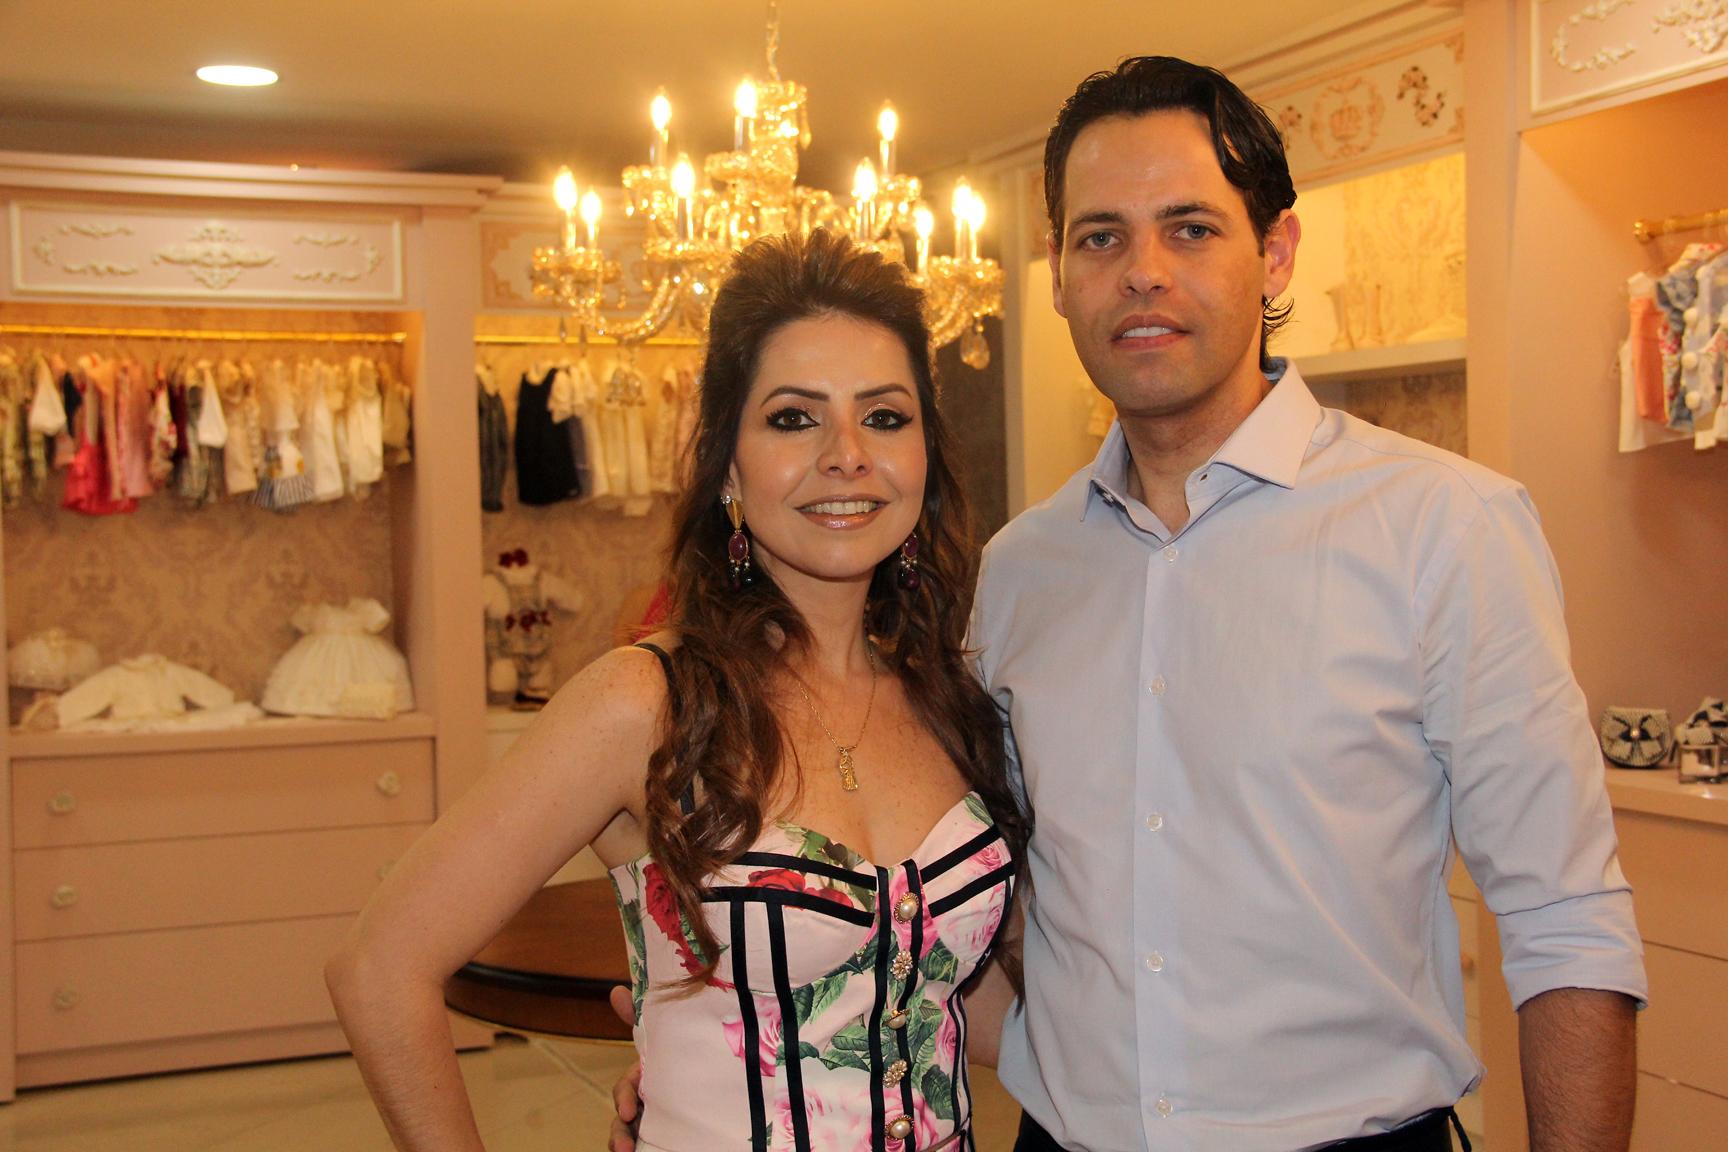 A empresária Ludmyla Vasconcelos recebeu o arquiteto Ademar Junior. Ele assina o projeto da nova sede da loja Amoreco, no Setor Marista.